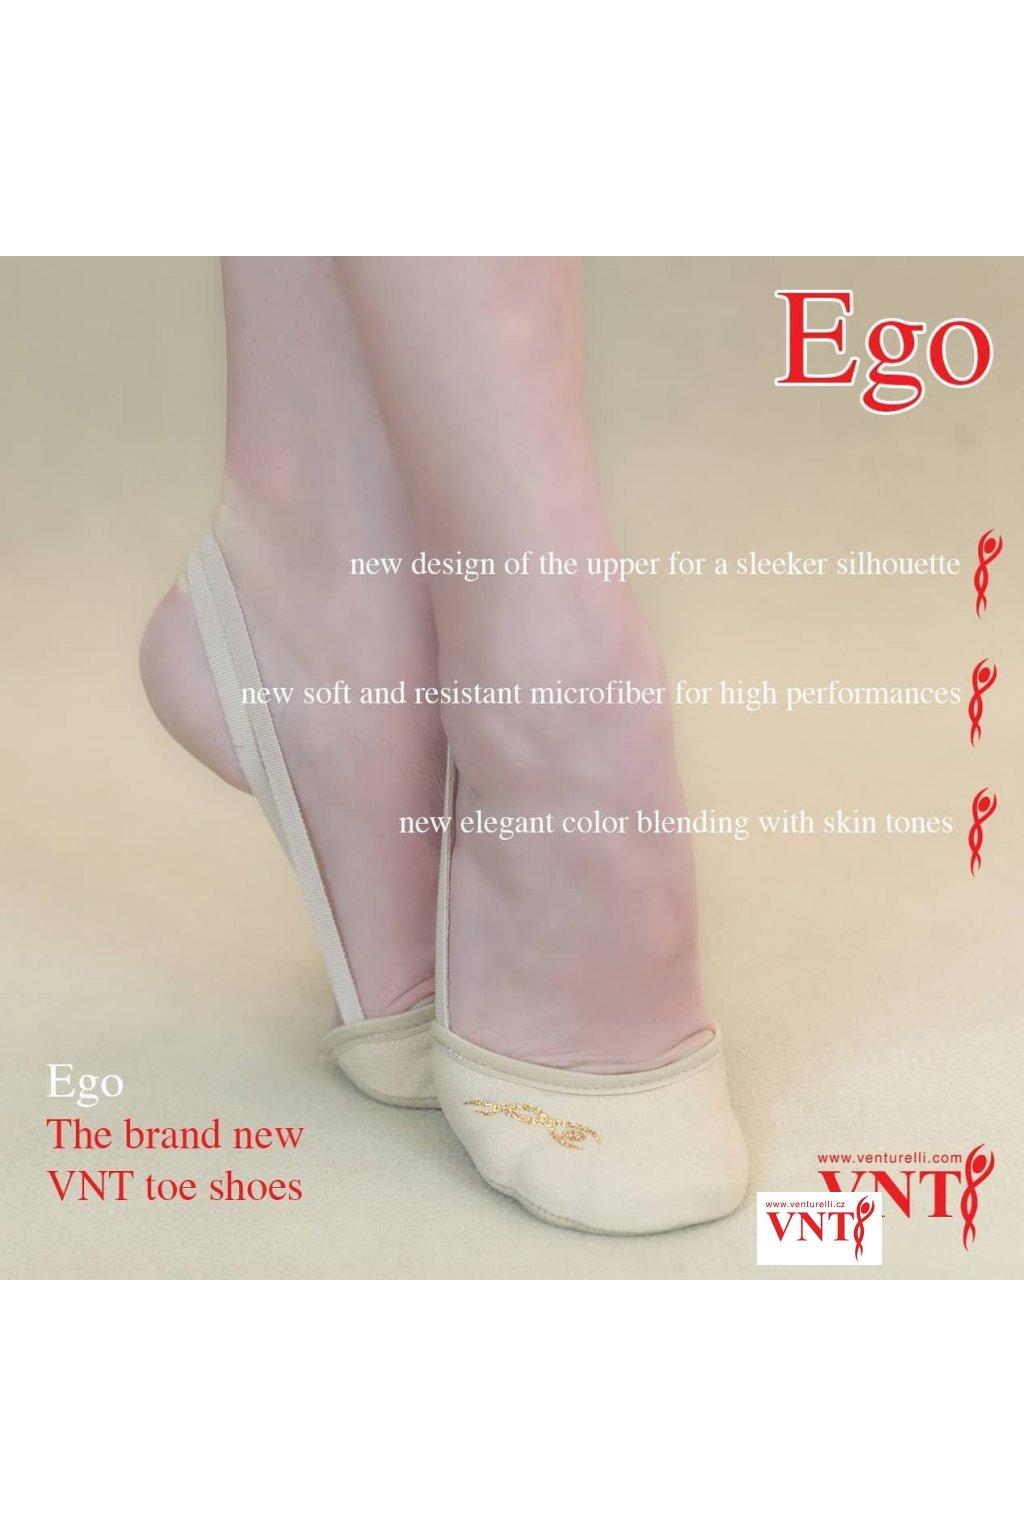 averina ego venturelli new II 06 2021